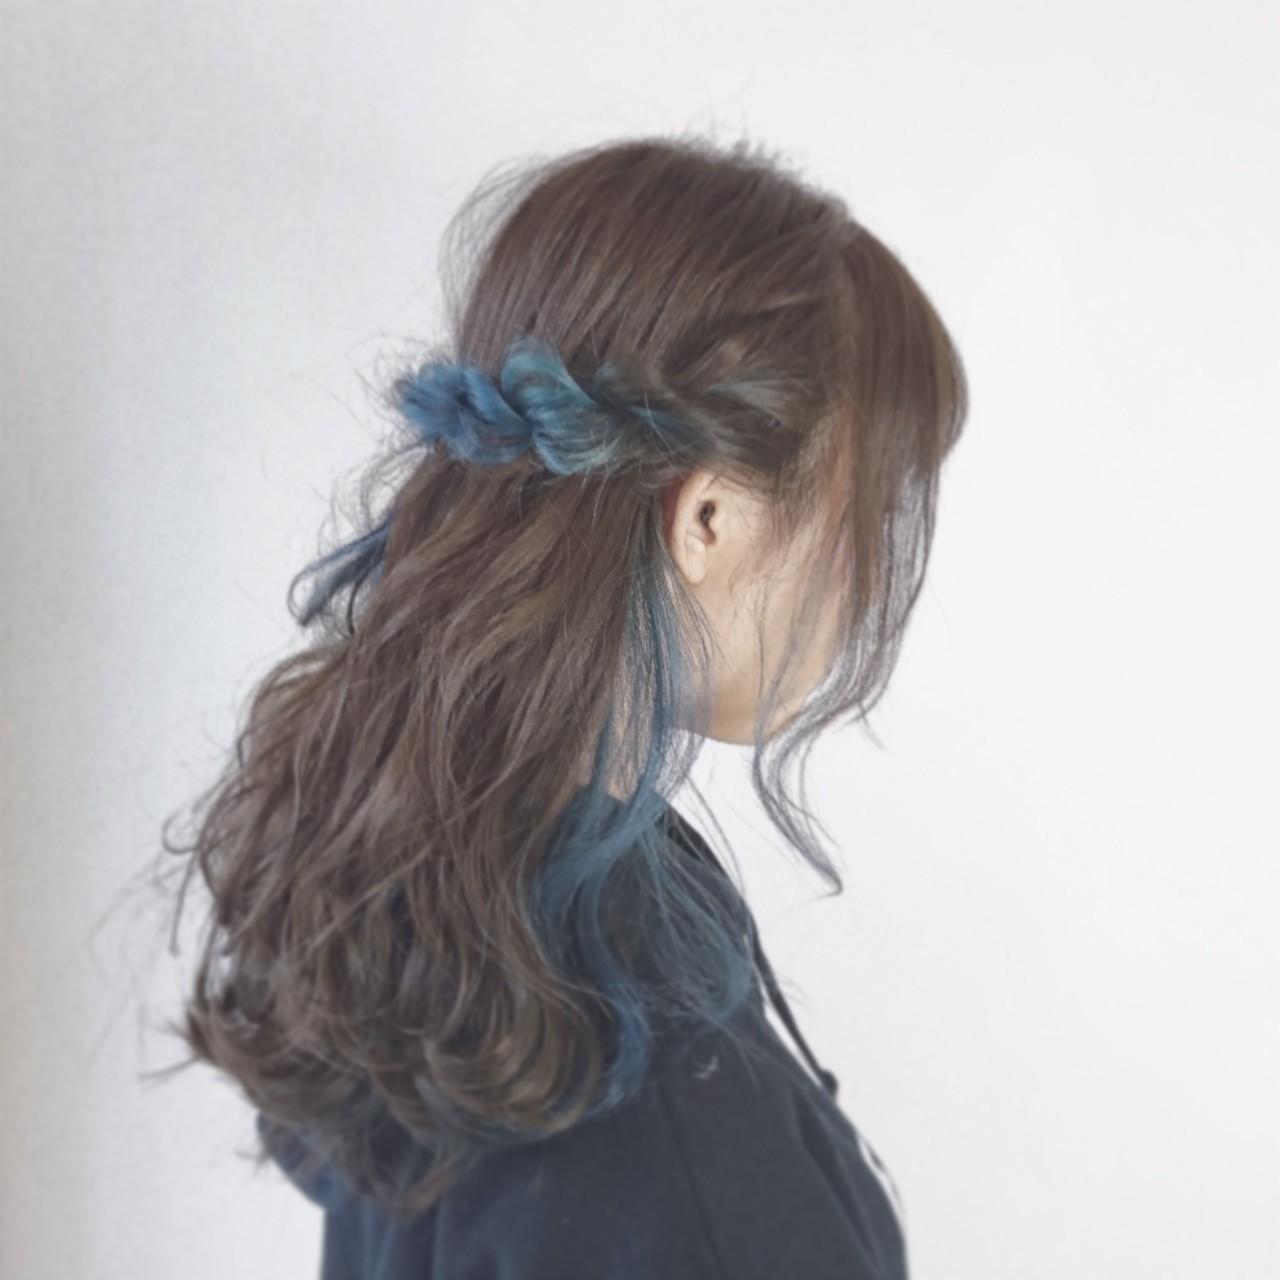 【保存版】魅せるナチュラルヘア…♡挑戦カラーで脱マンネリヘア!の10枚目の画像